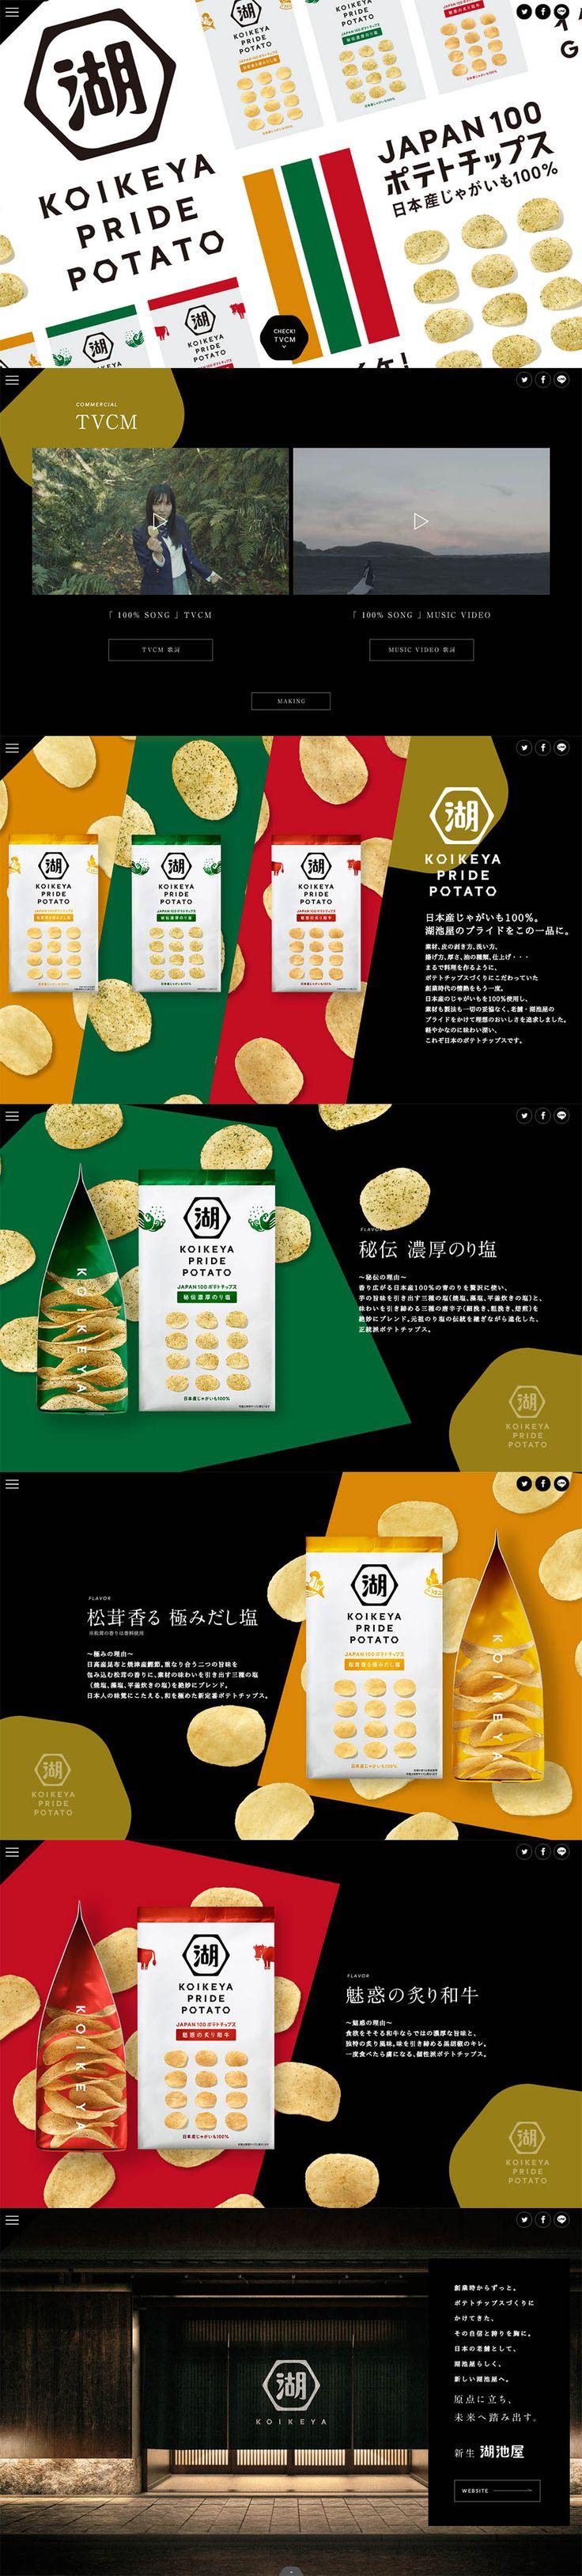 KOIKEYA PRIDE POTATO【和菓子・洋菓子・スイーツ関連】のLPデザイン。WEBデザイナーさん必見!ランディングページのデザイン参考に(かっこいい系)